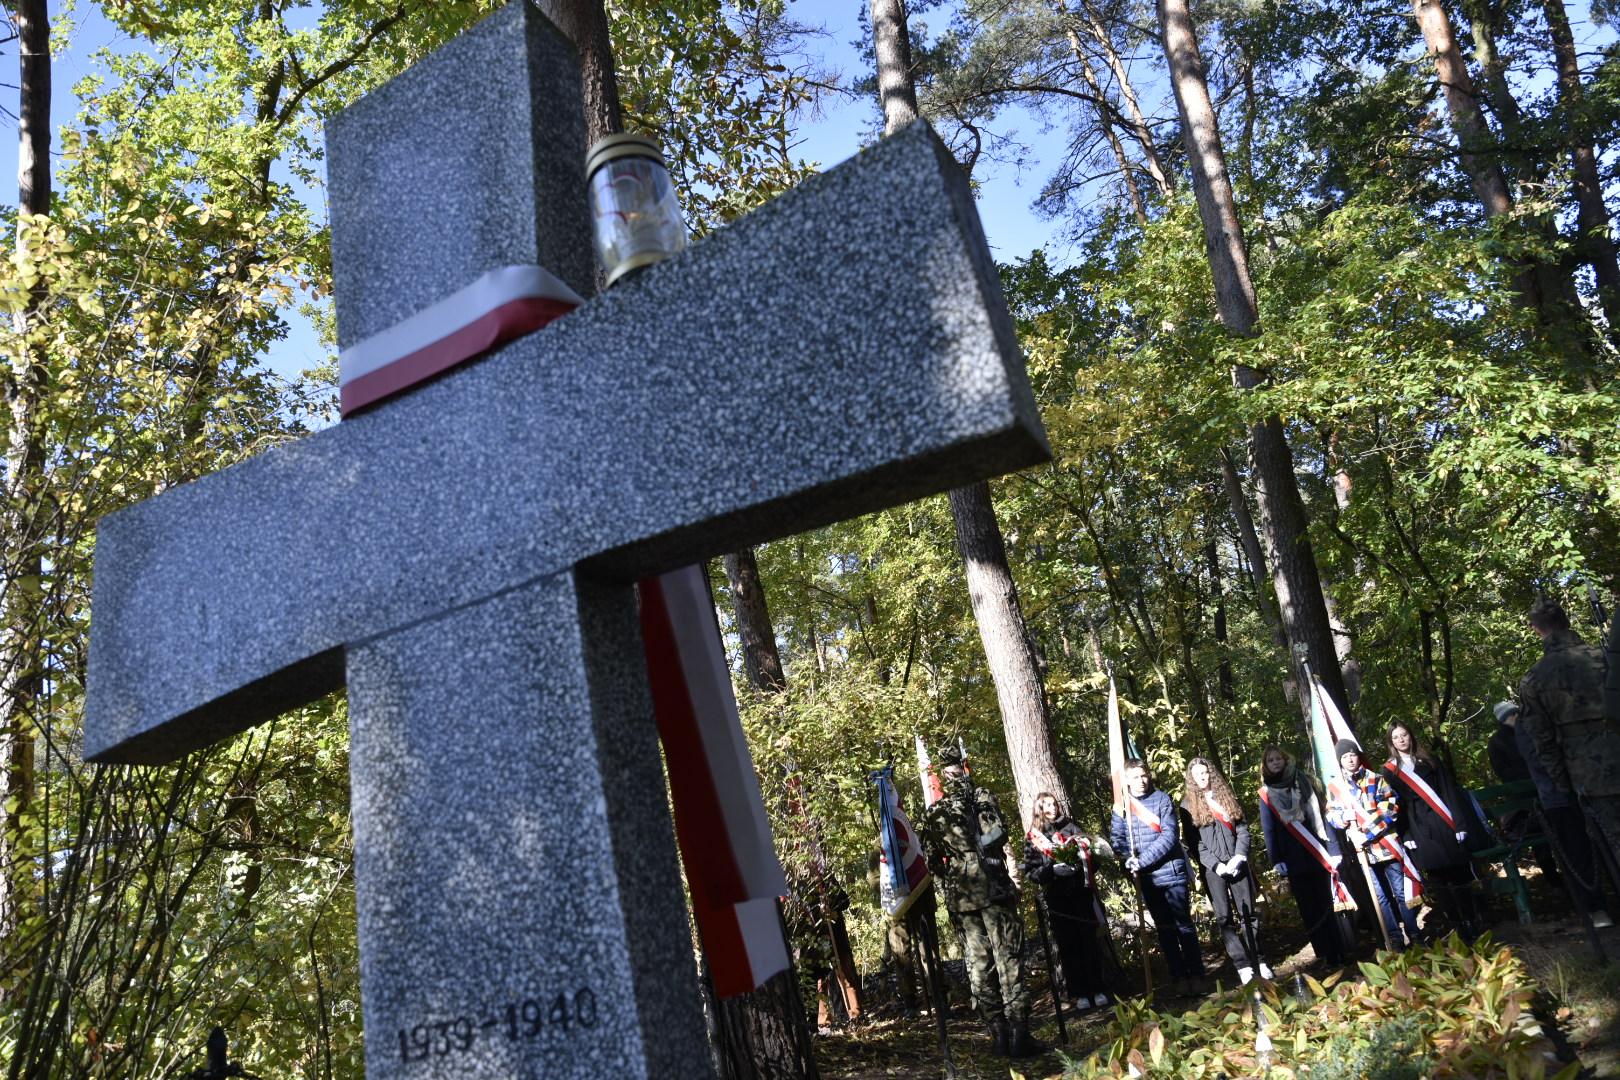 Marsz Pamięci w podpoznańskich lasach palędzko-zakrzewskich - Wojtek Wardejn